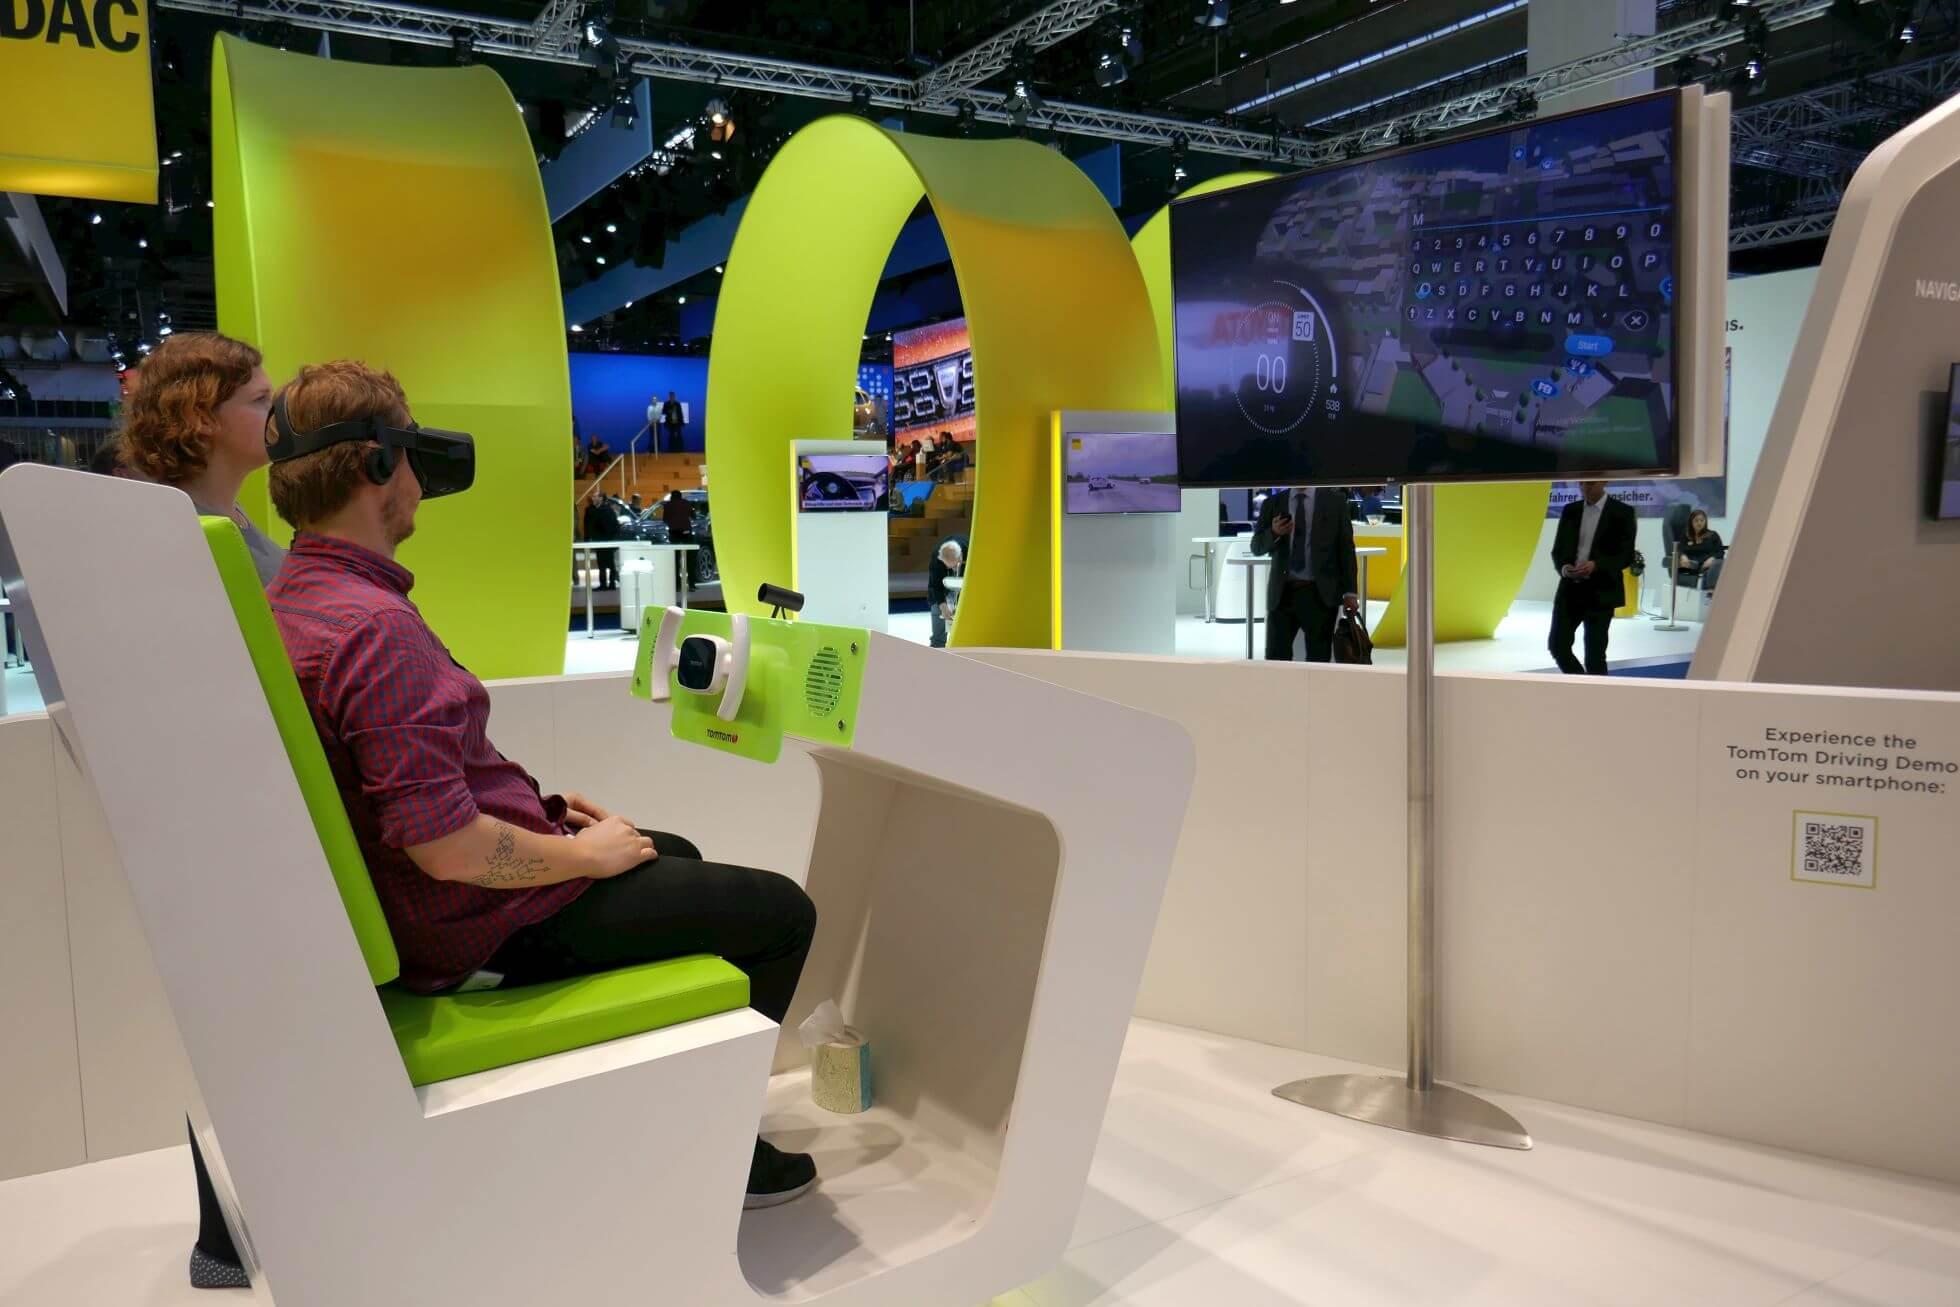 TomTom probiert was Neues: Oculus Rift-Fahrsimulator mit Fahrtwind-Ventilator. Man sitzt ja auch in einem Cabrio …